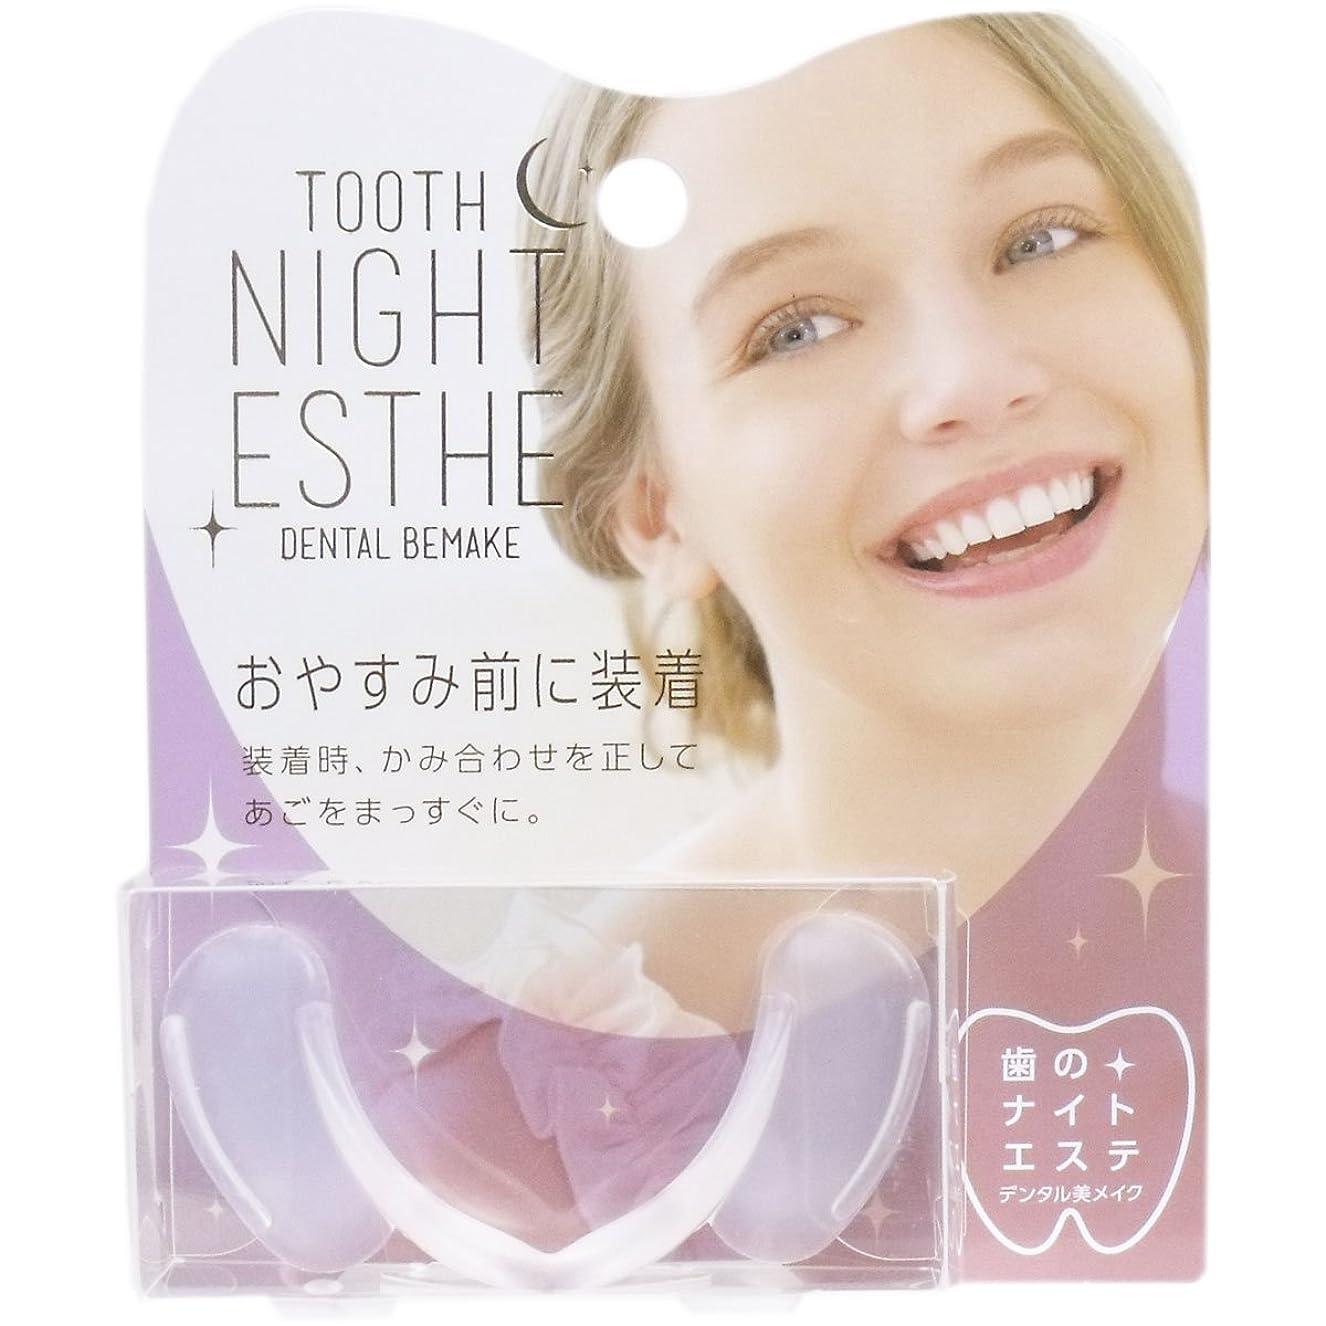 飾り羽ポーチ良性歯のナイトエステ デンタル美メイク